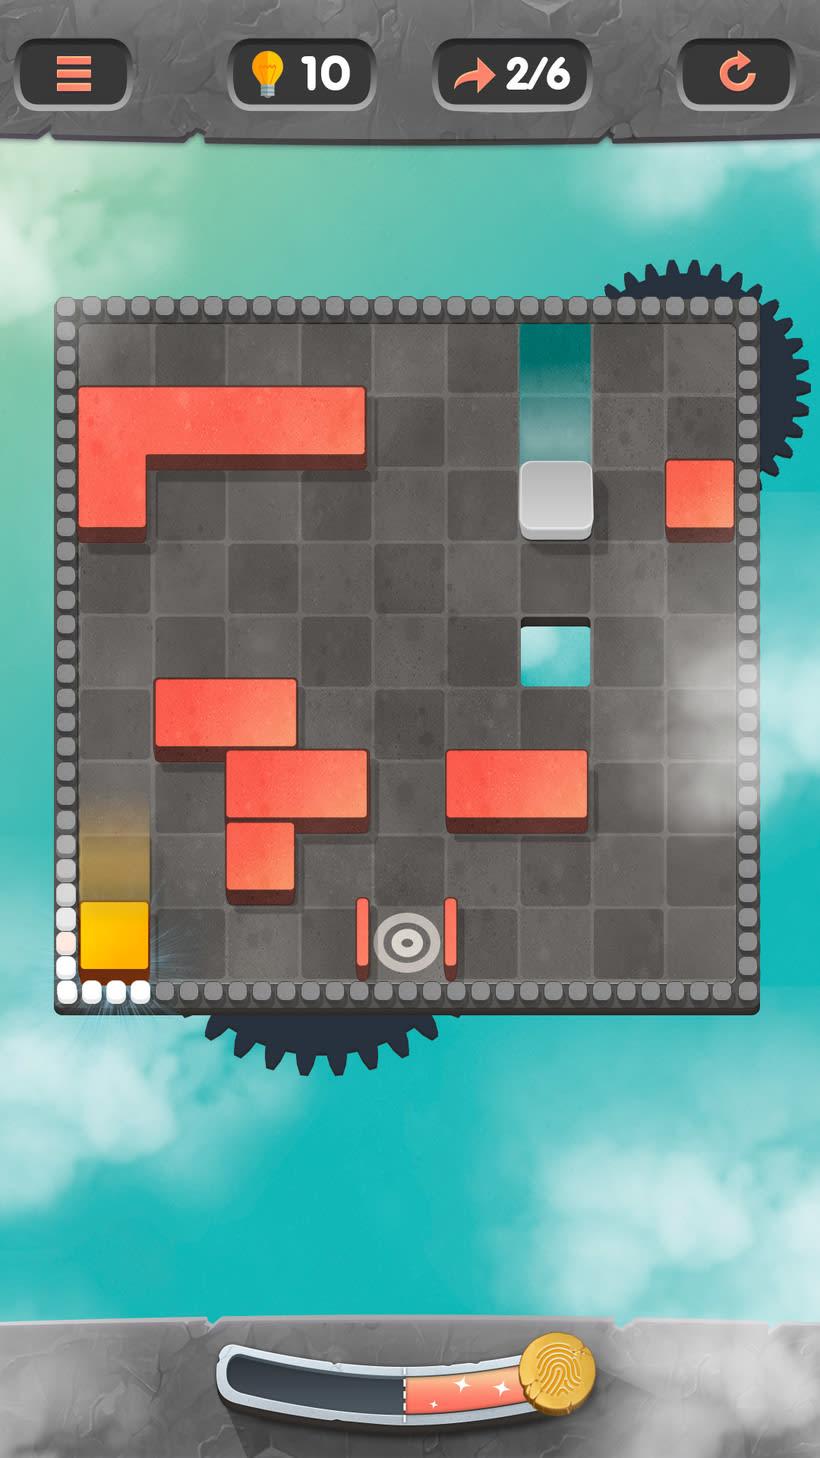 Juego puzle rotatorio en falso 3d. Próximanente en las tiendas 0